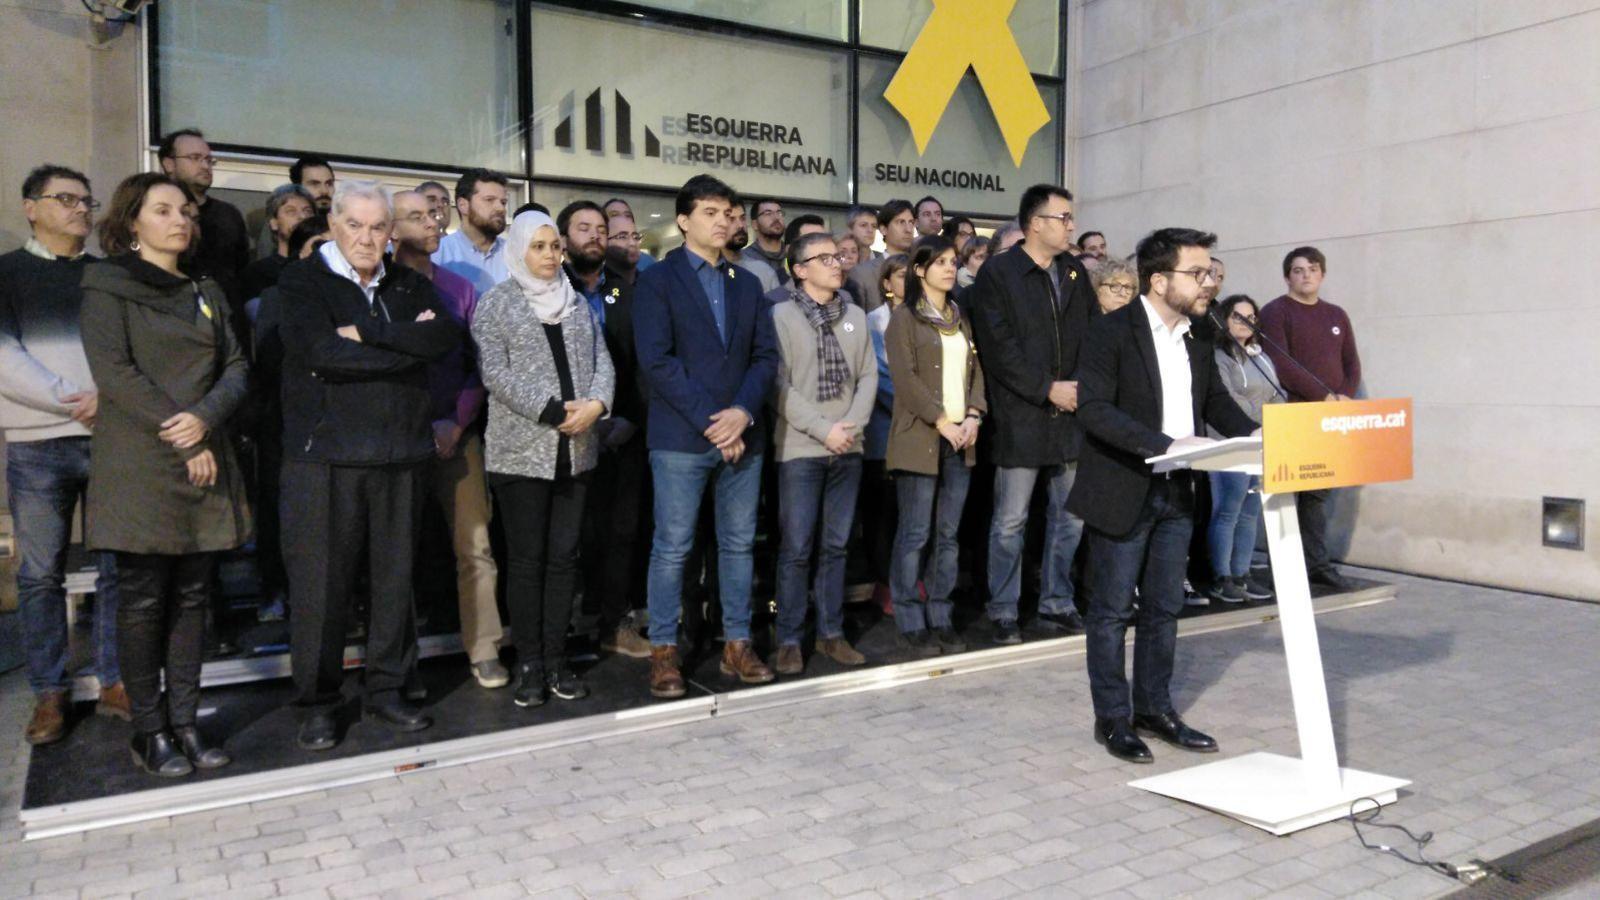 Pere Aragonès llegeix el comunicat acompanyat pels diputats i l'executiva d'ERC